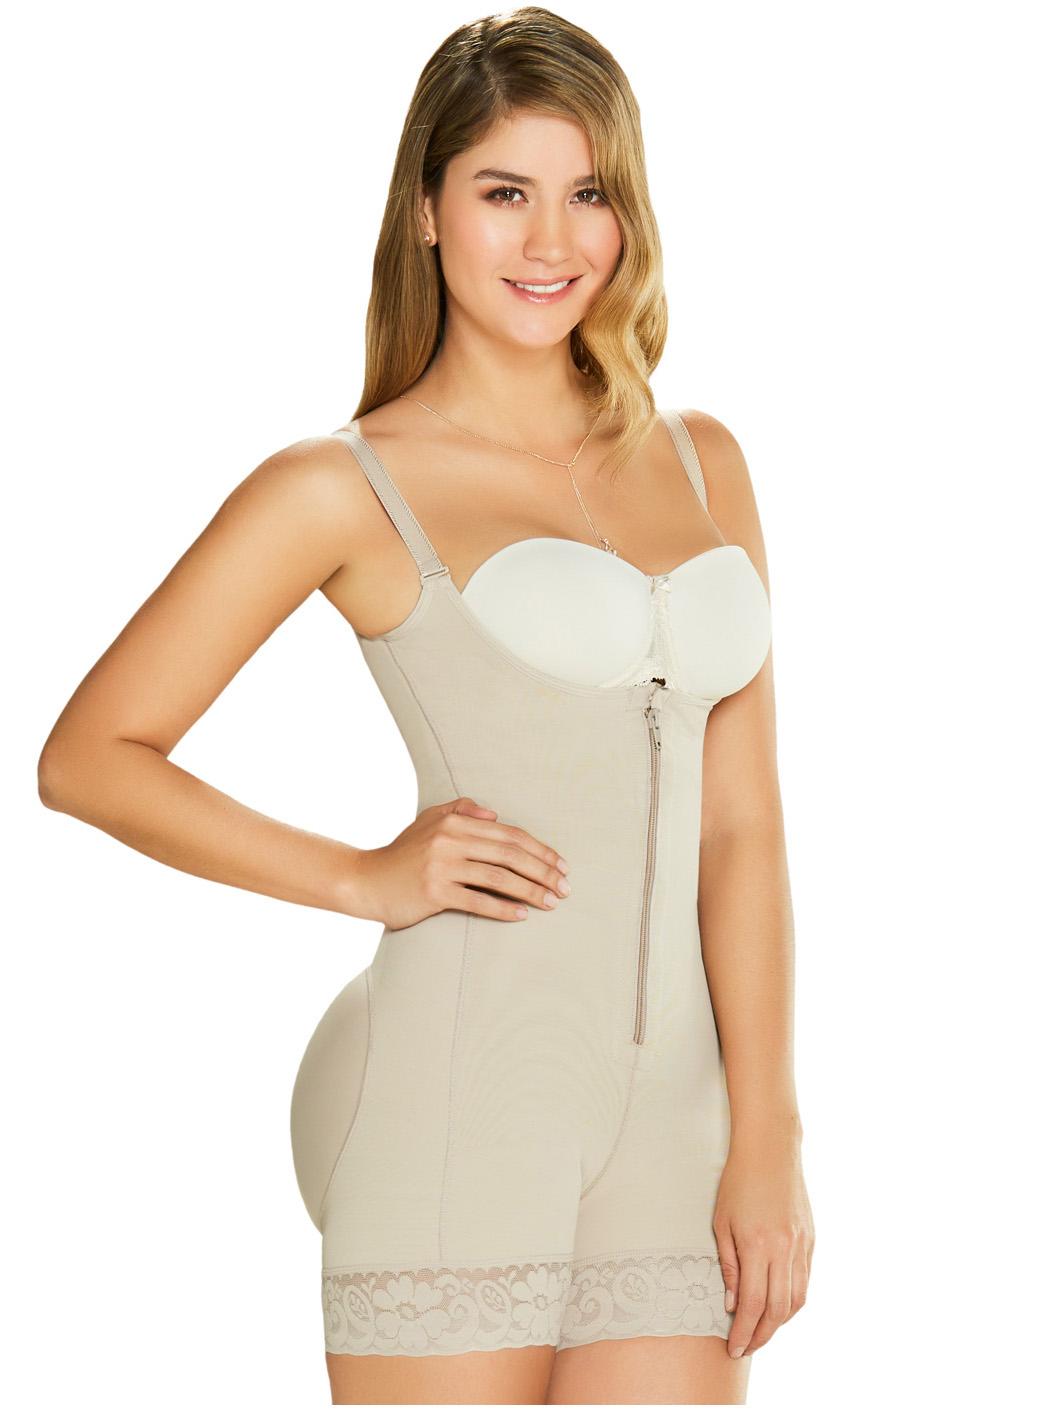 Fajas-Diane-amp-Geordi-2396-Colombianas-Women-039-